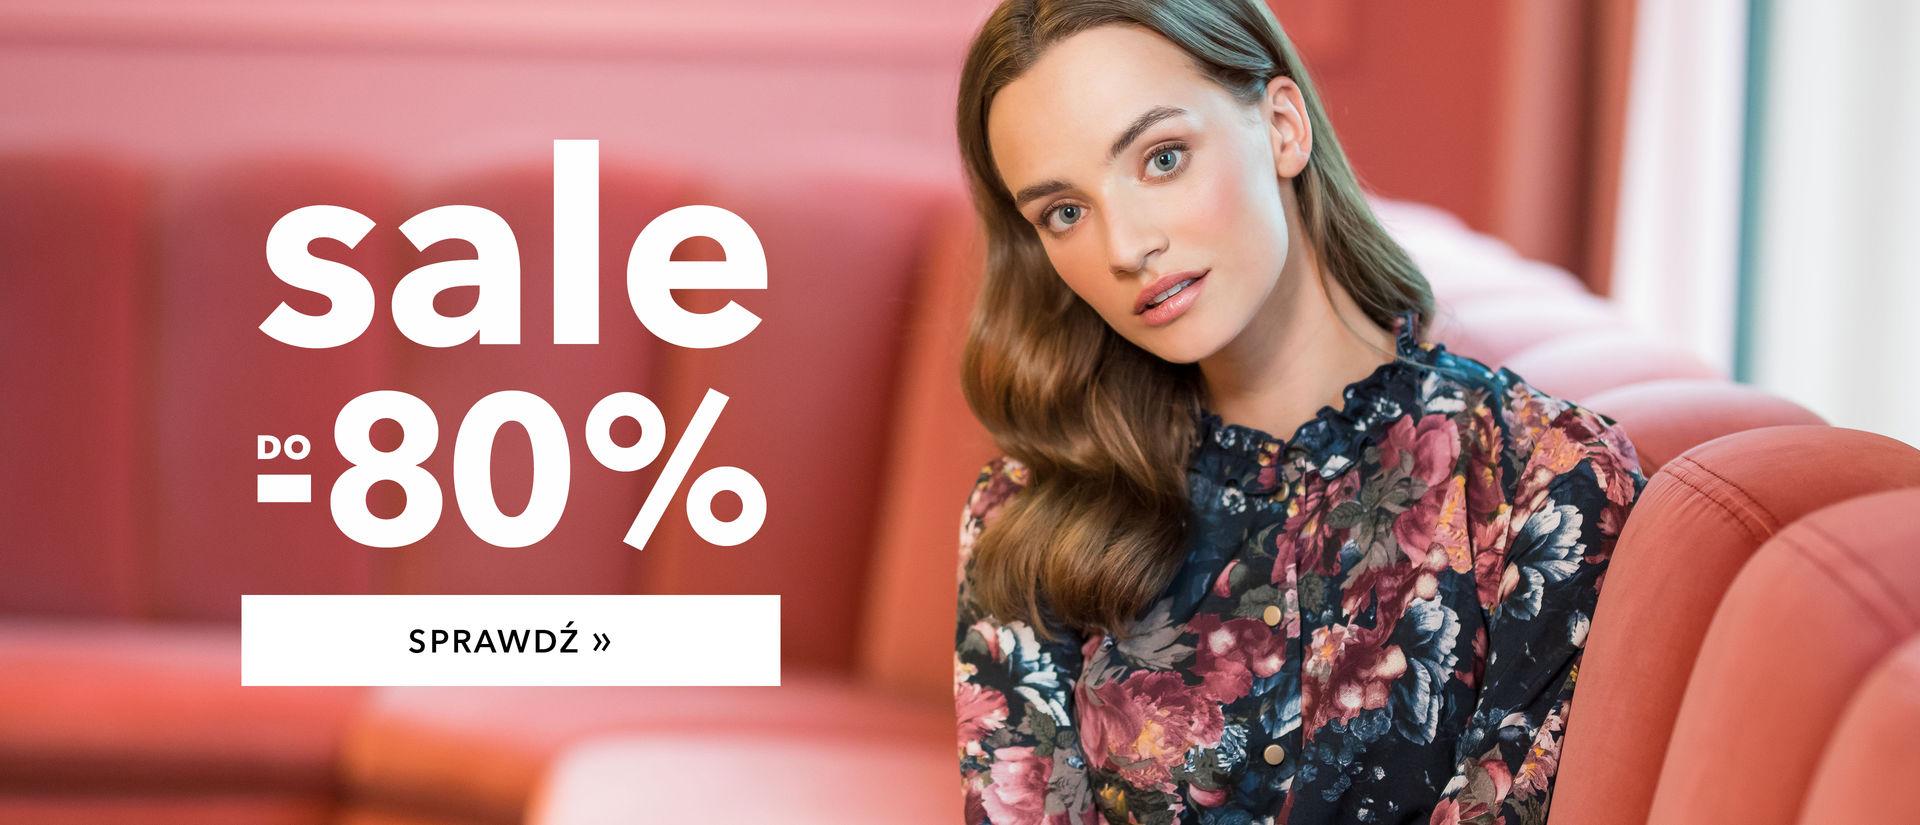 -80% SALE